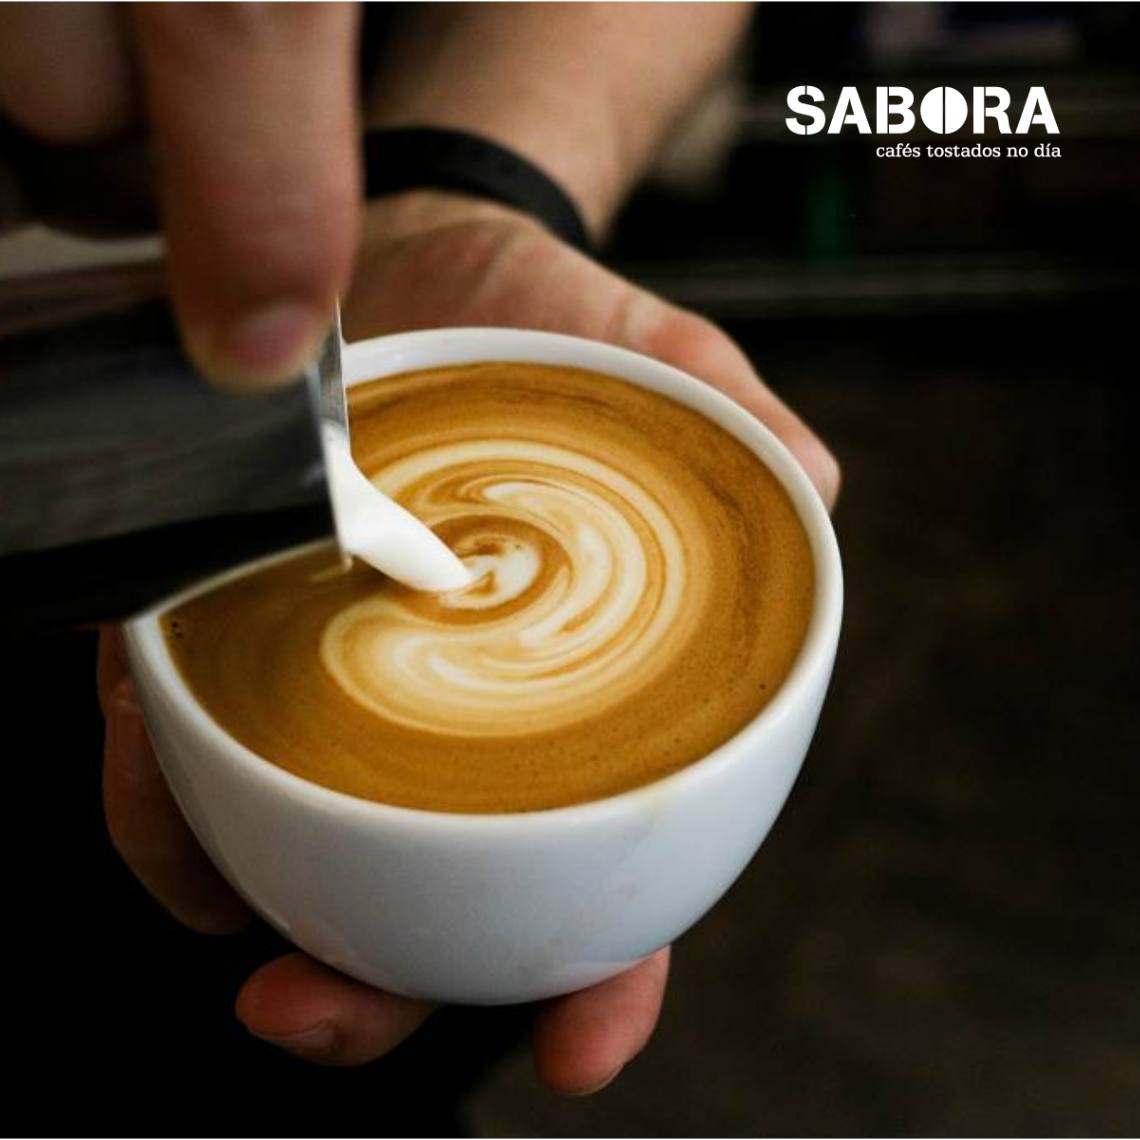 Cómo Conseguir Cremar Leche Para Un Café Perfecto